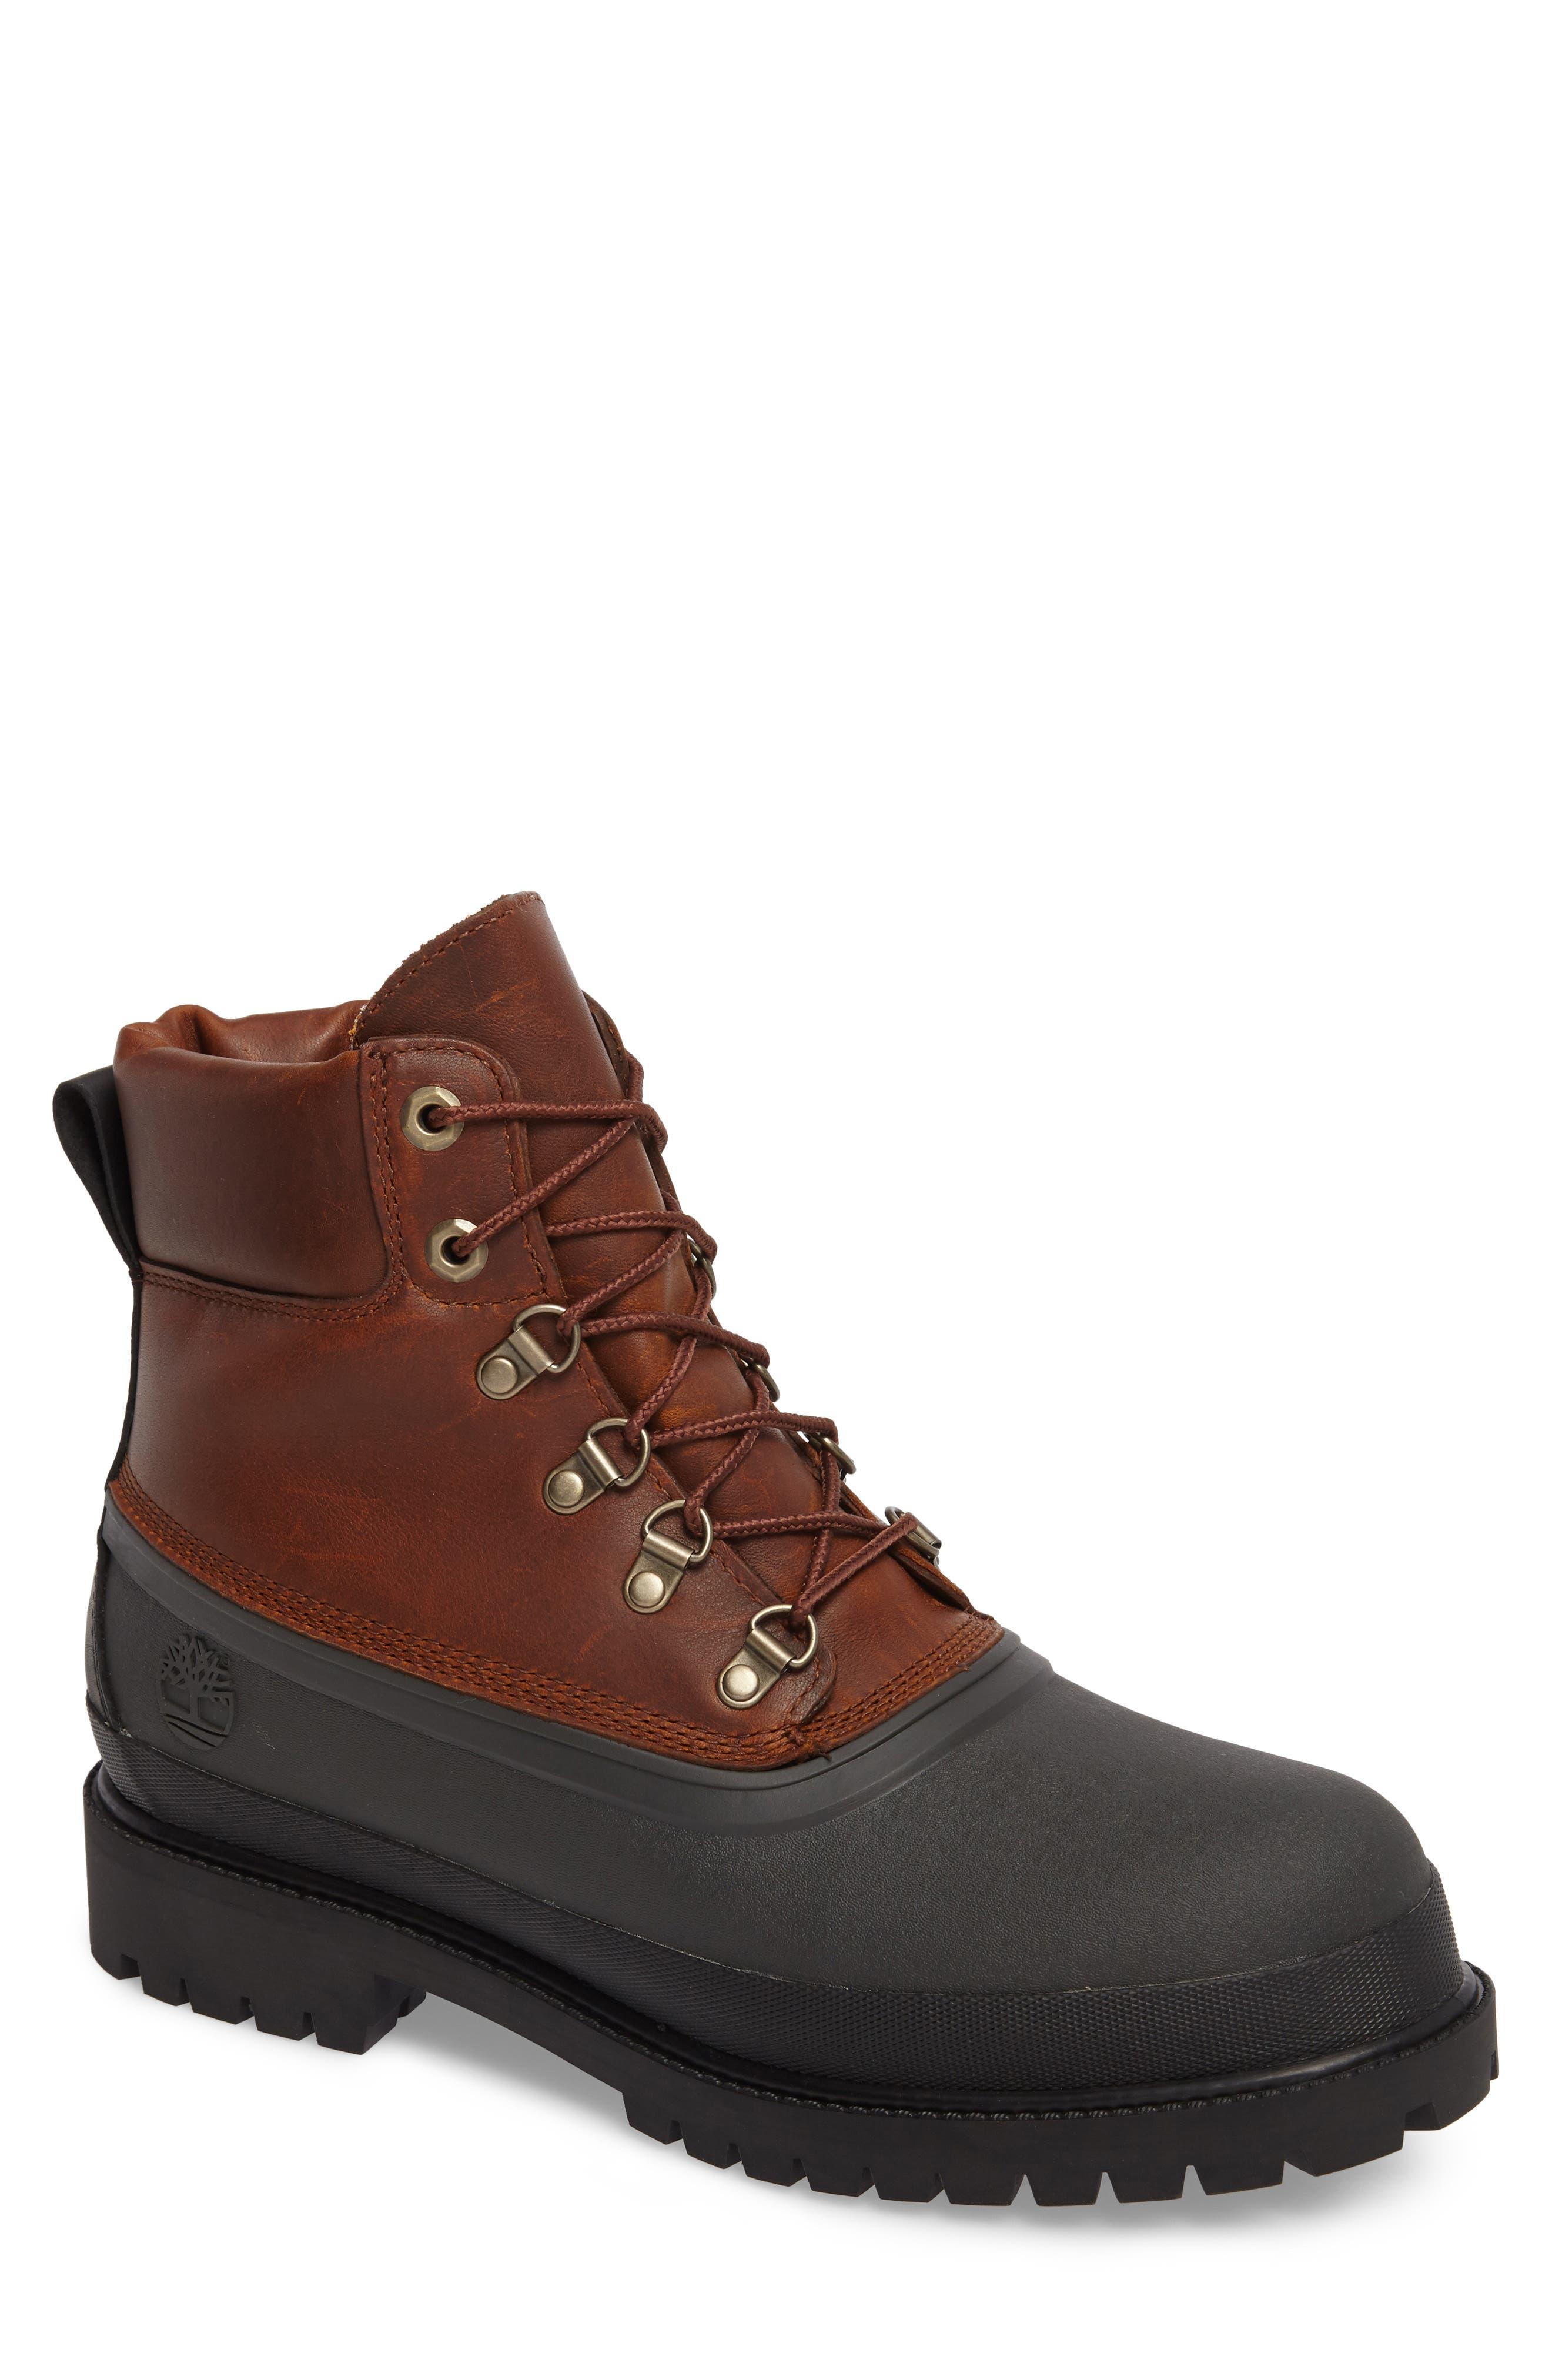 Main Image - Timberland Snow Boot (Men)